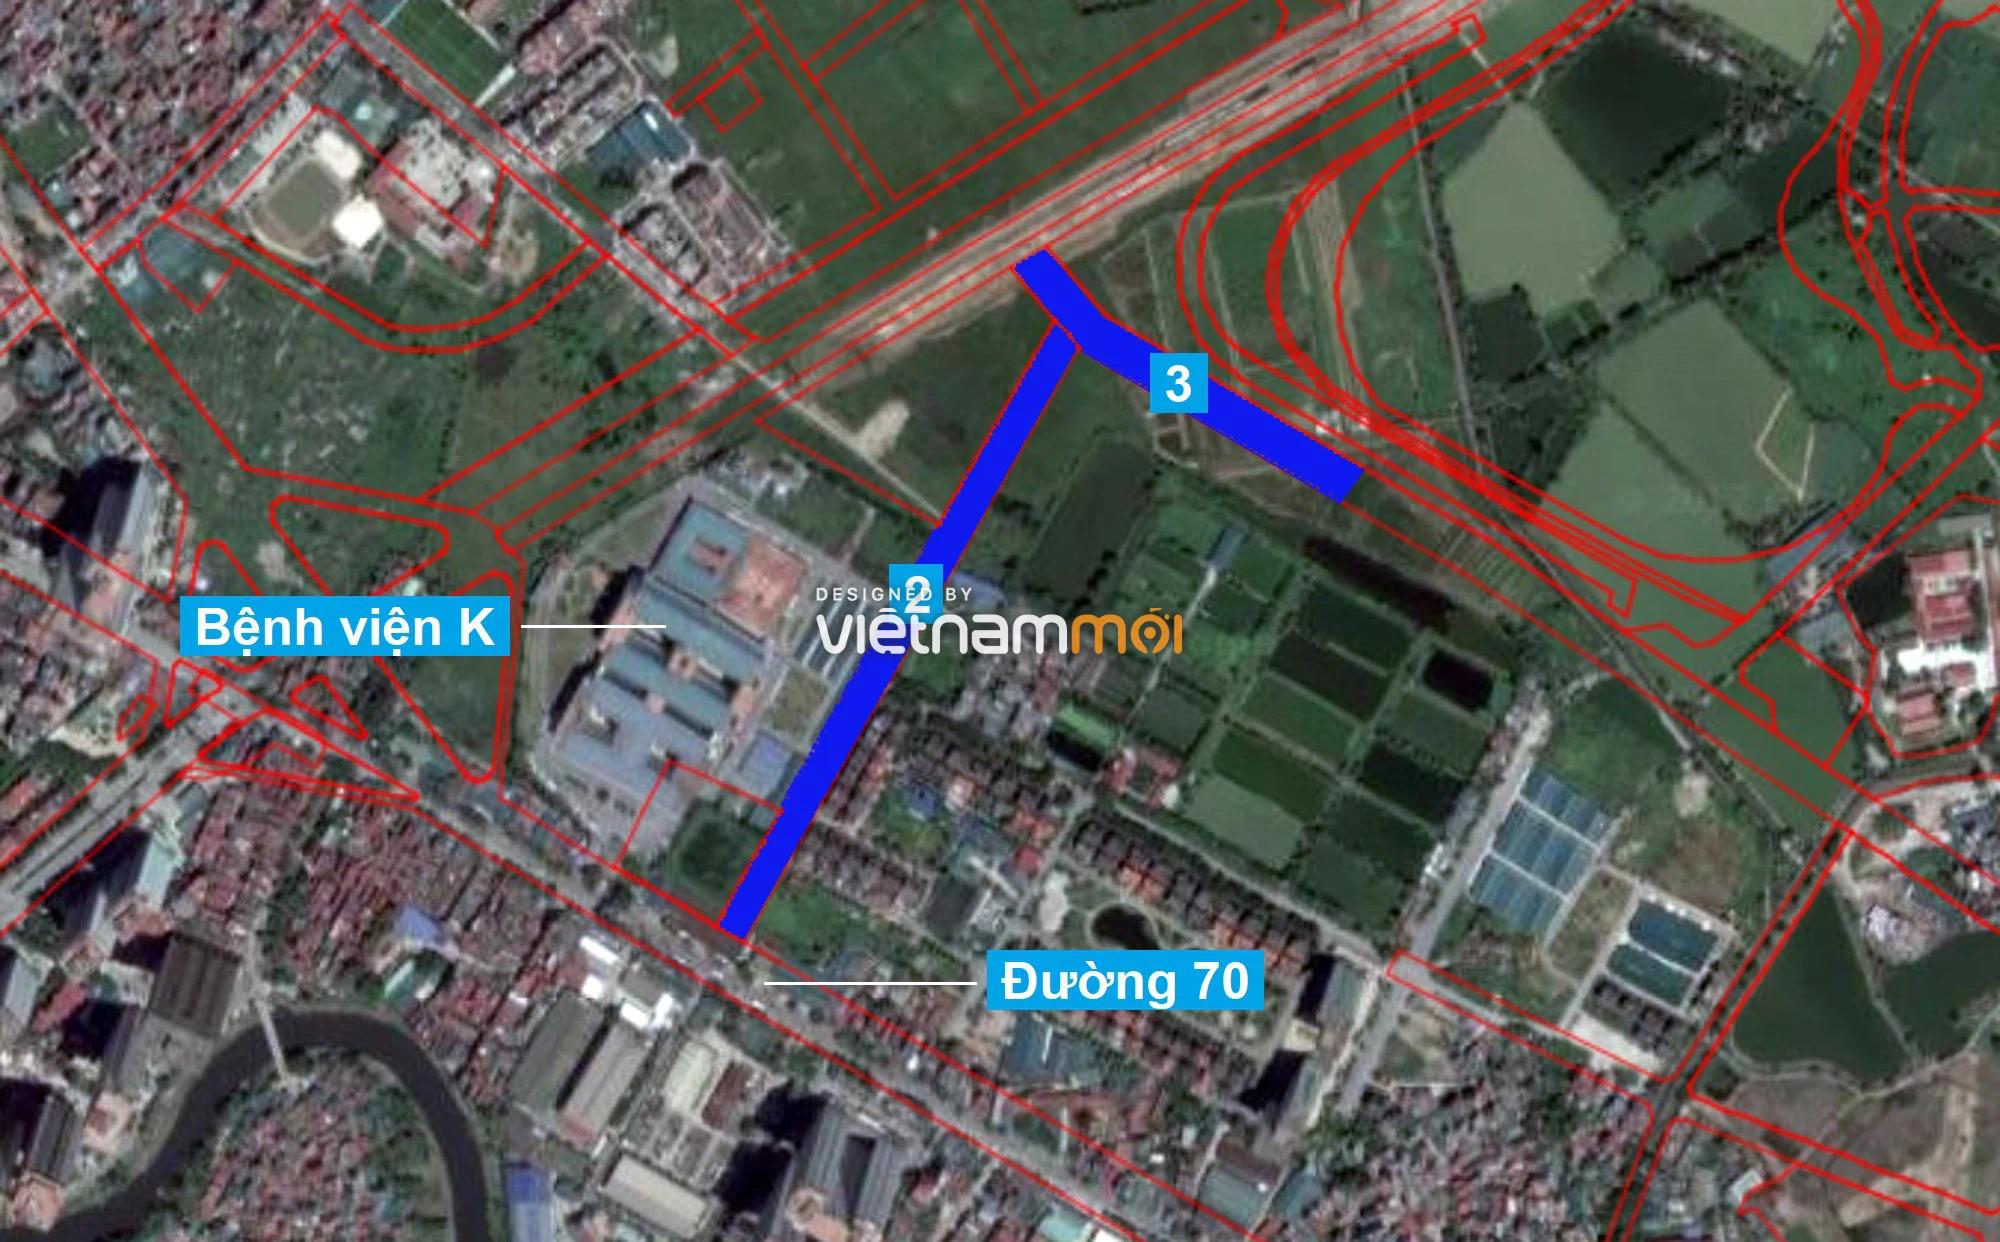 Những khu đất sắp thu hồi để mở đường ở xã Tân Triều, Thanh Trì Hà Nội (phần 1) - Ảnh 16.